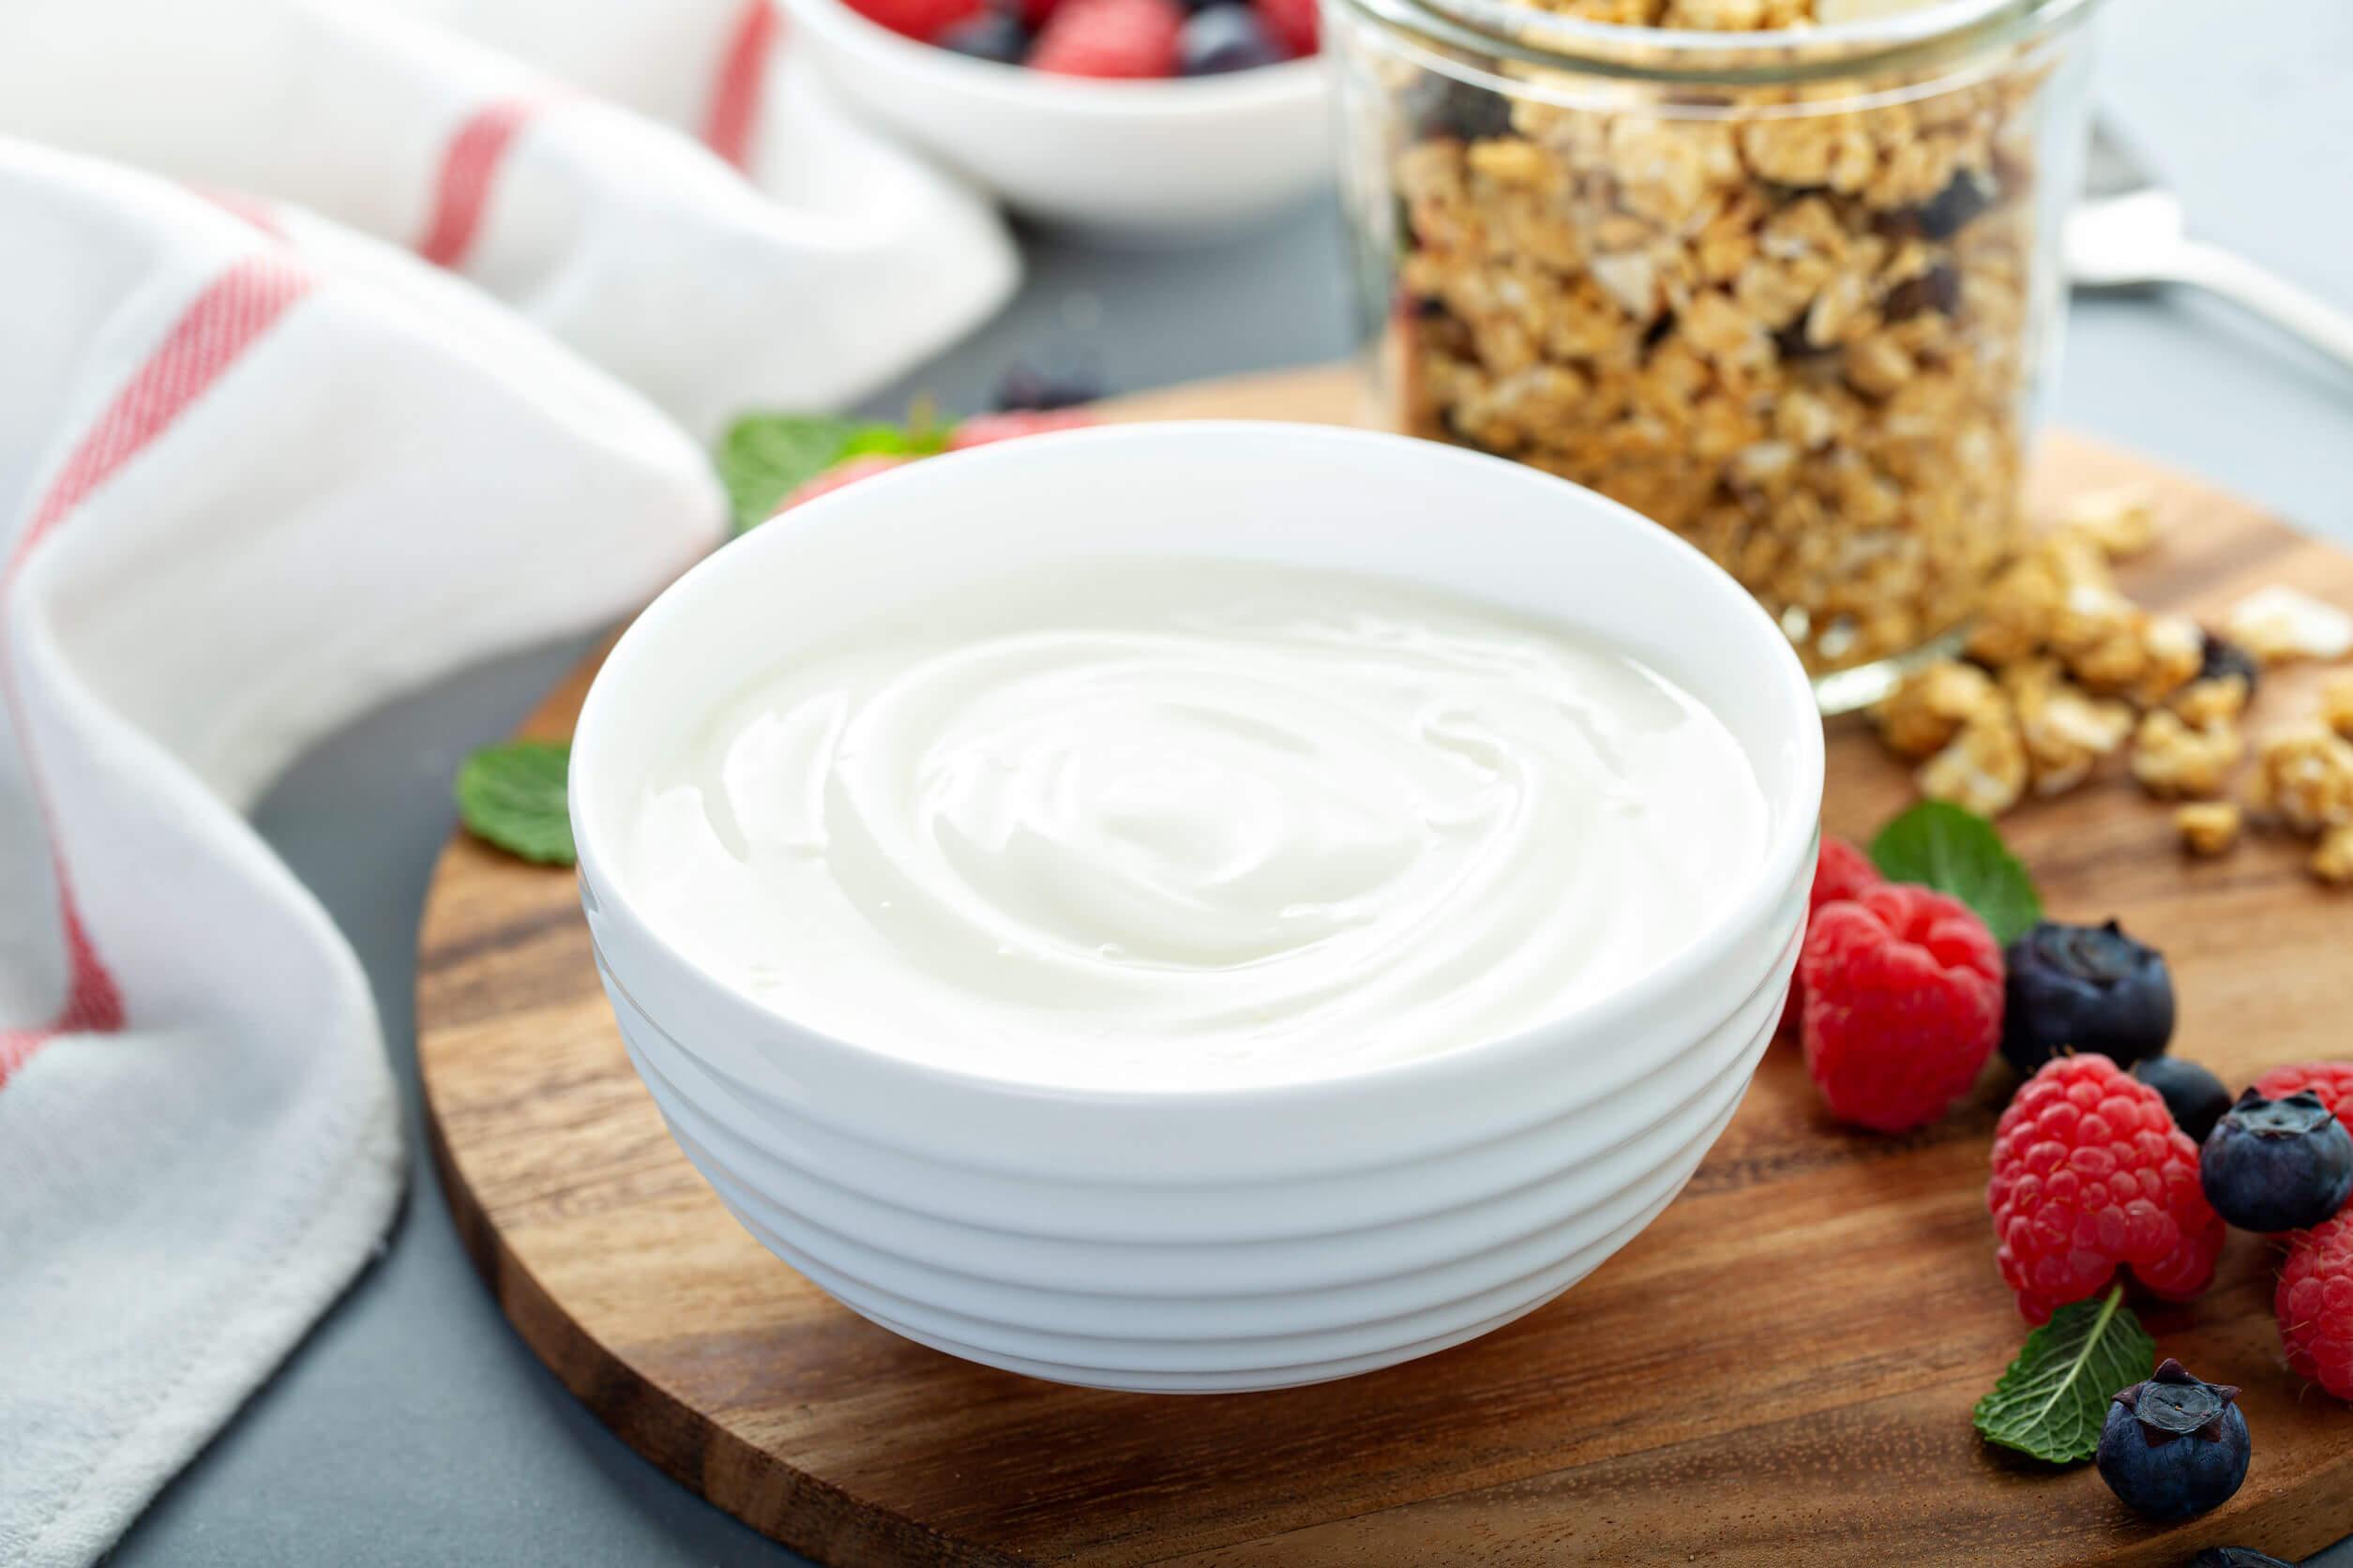 Las frambuesas pueden combinarse con yogur para hacer un delicioso postre.